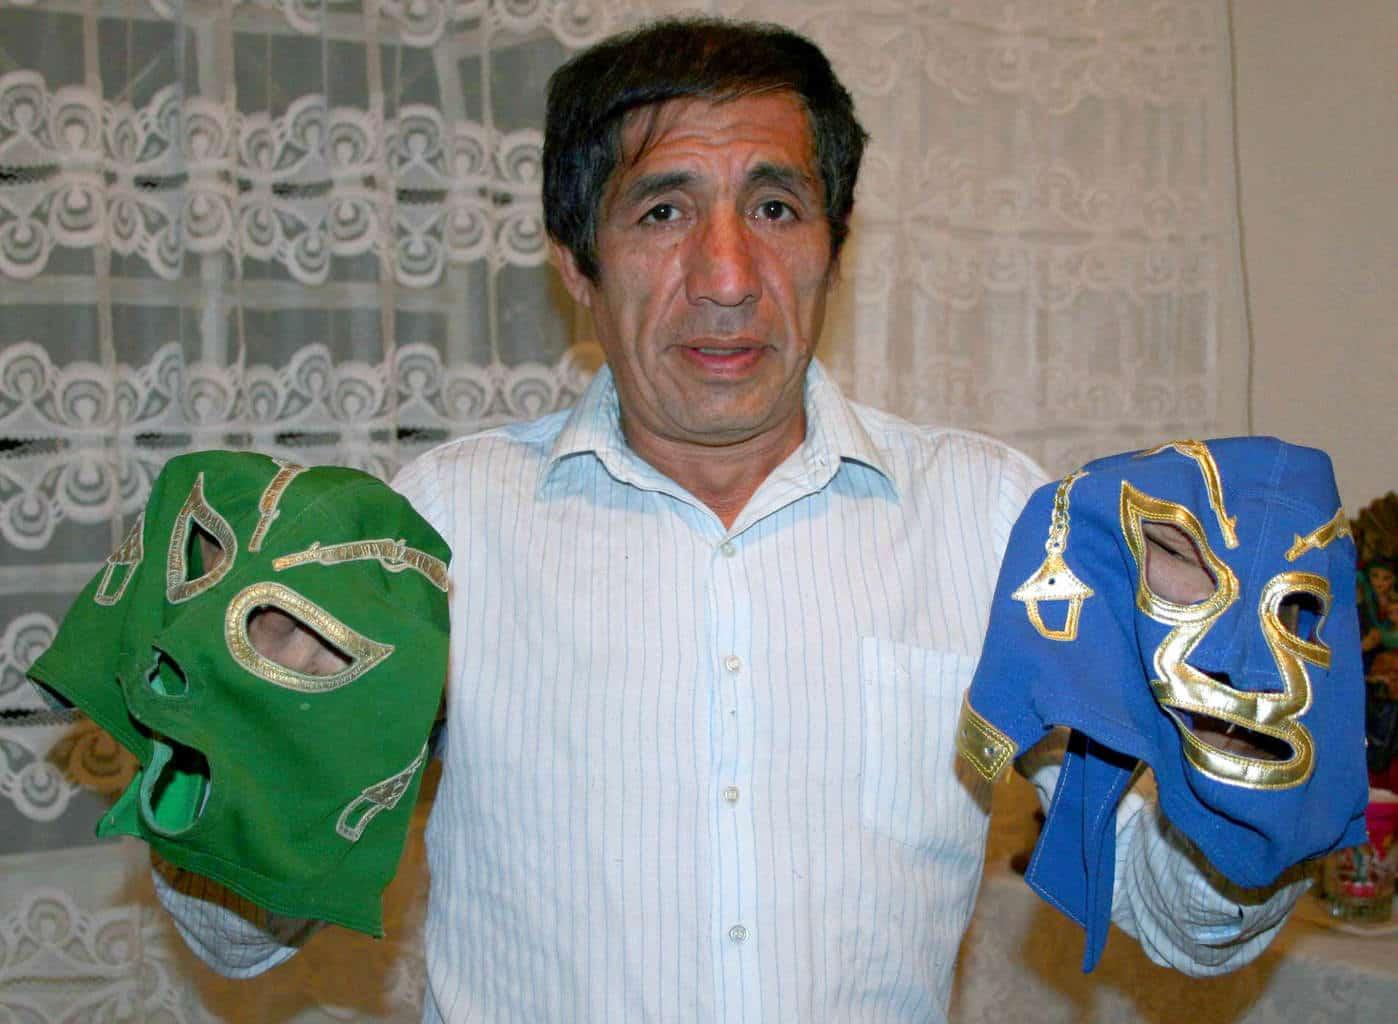 En su cumpleaños, entrevista con el réferi e historiador Teddy Baños: Desmitificando la lucha libre 1